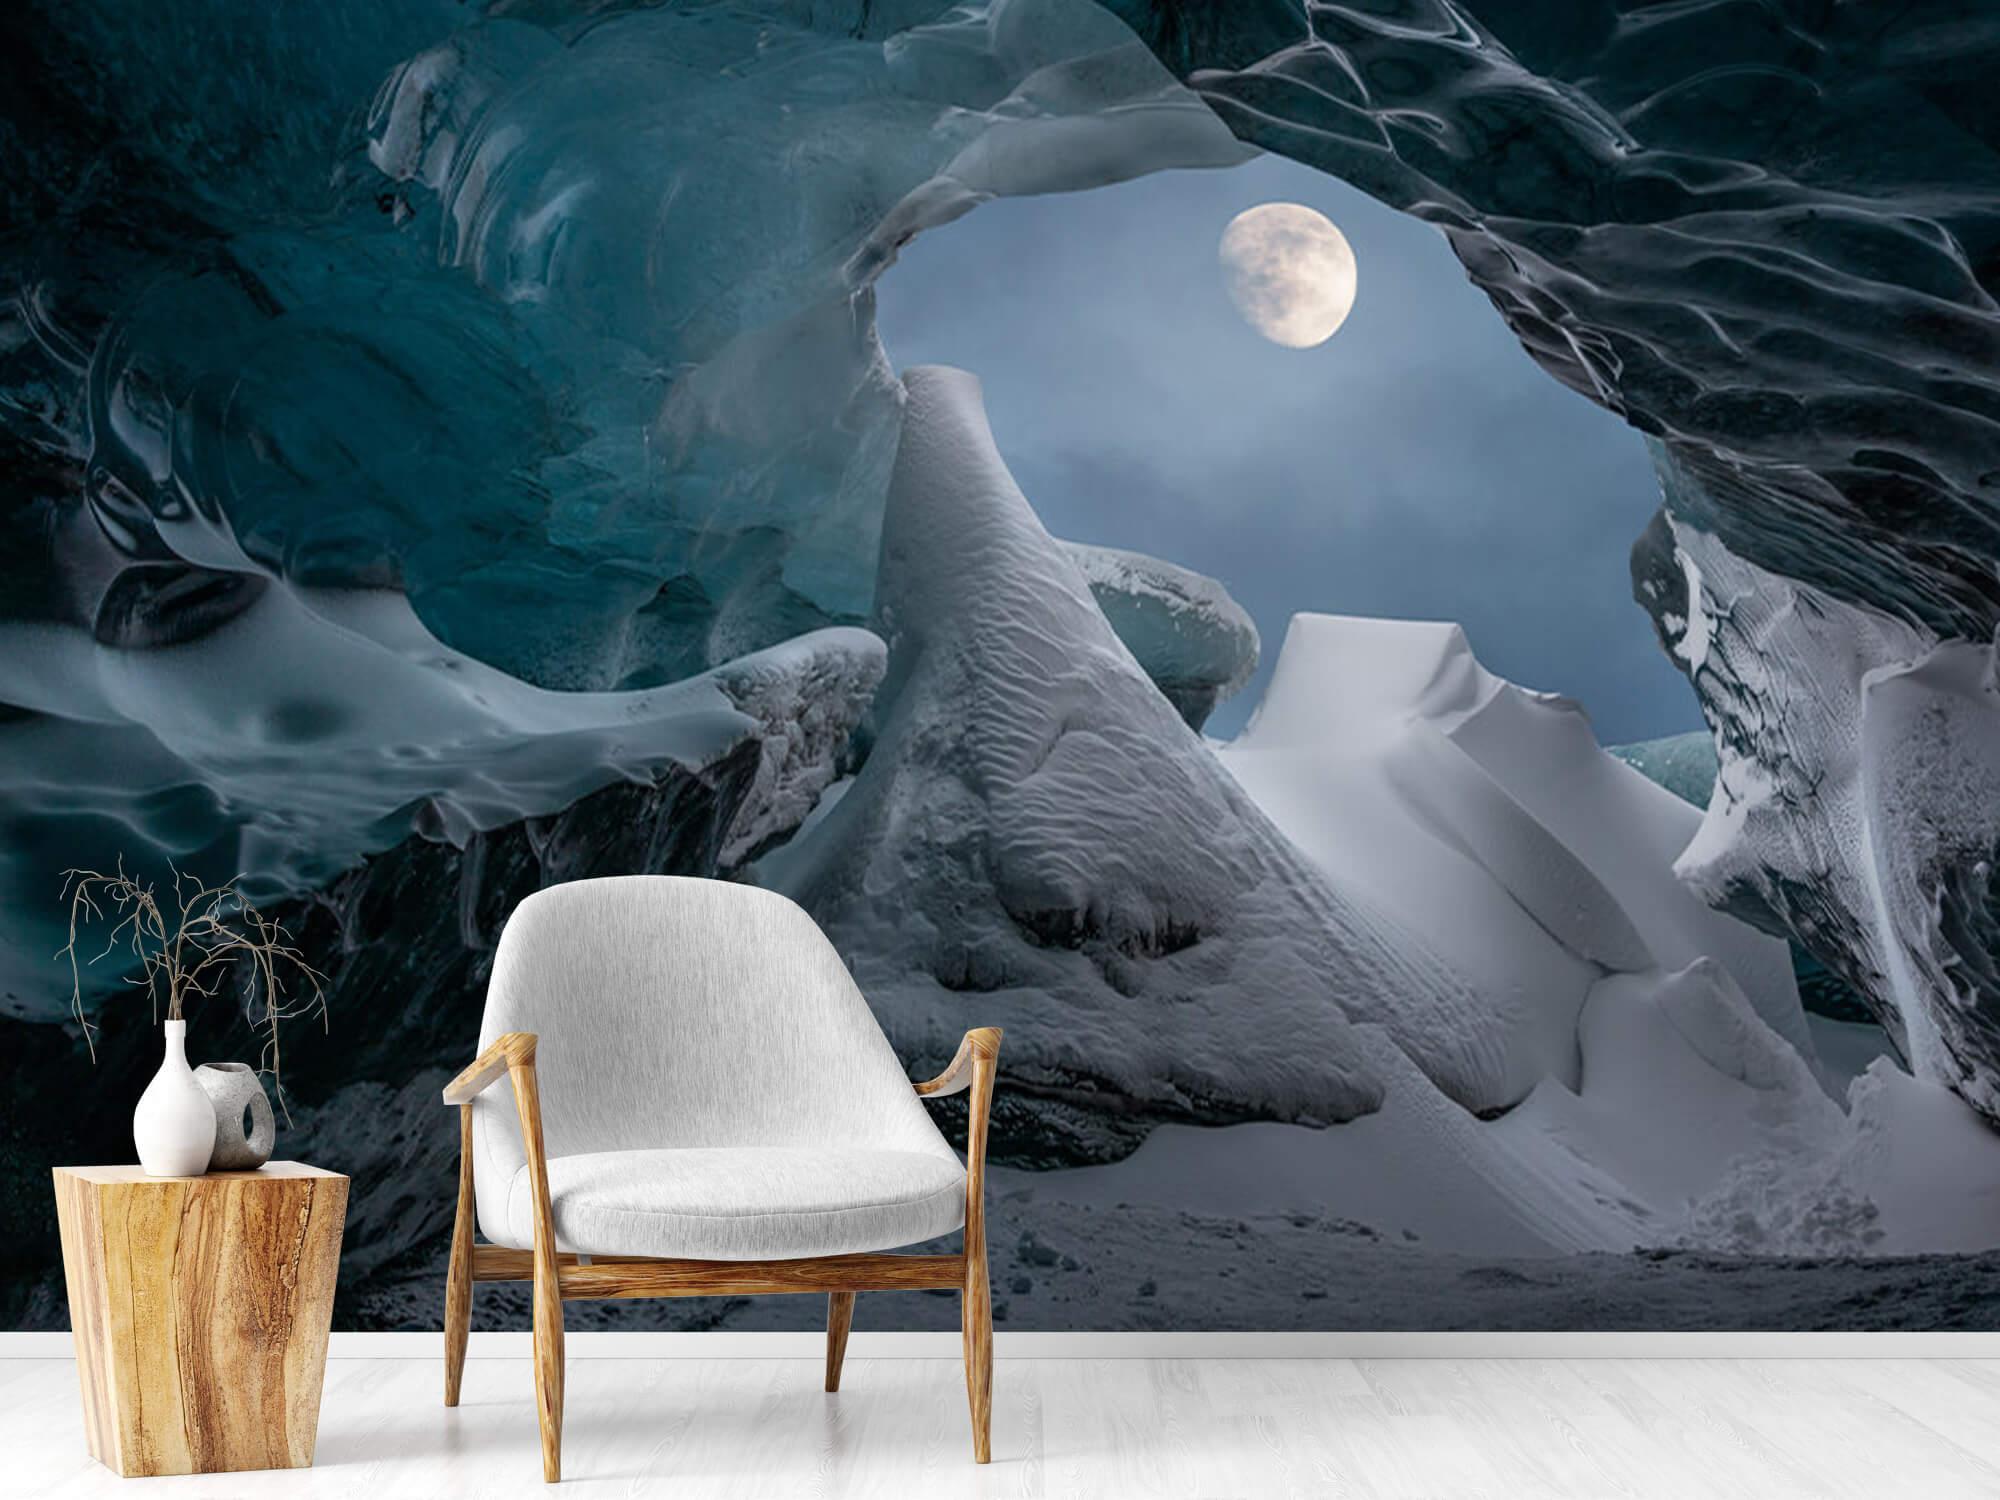 Ice cave 13